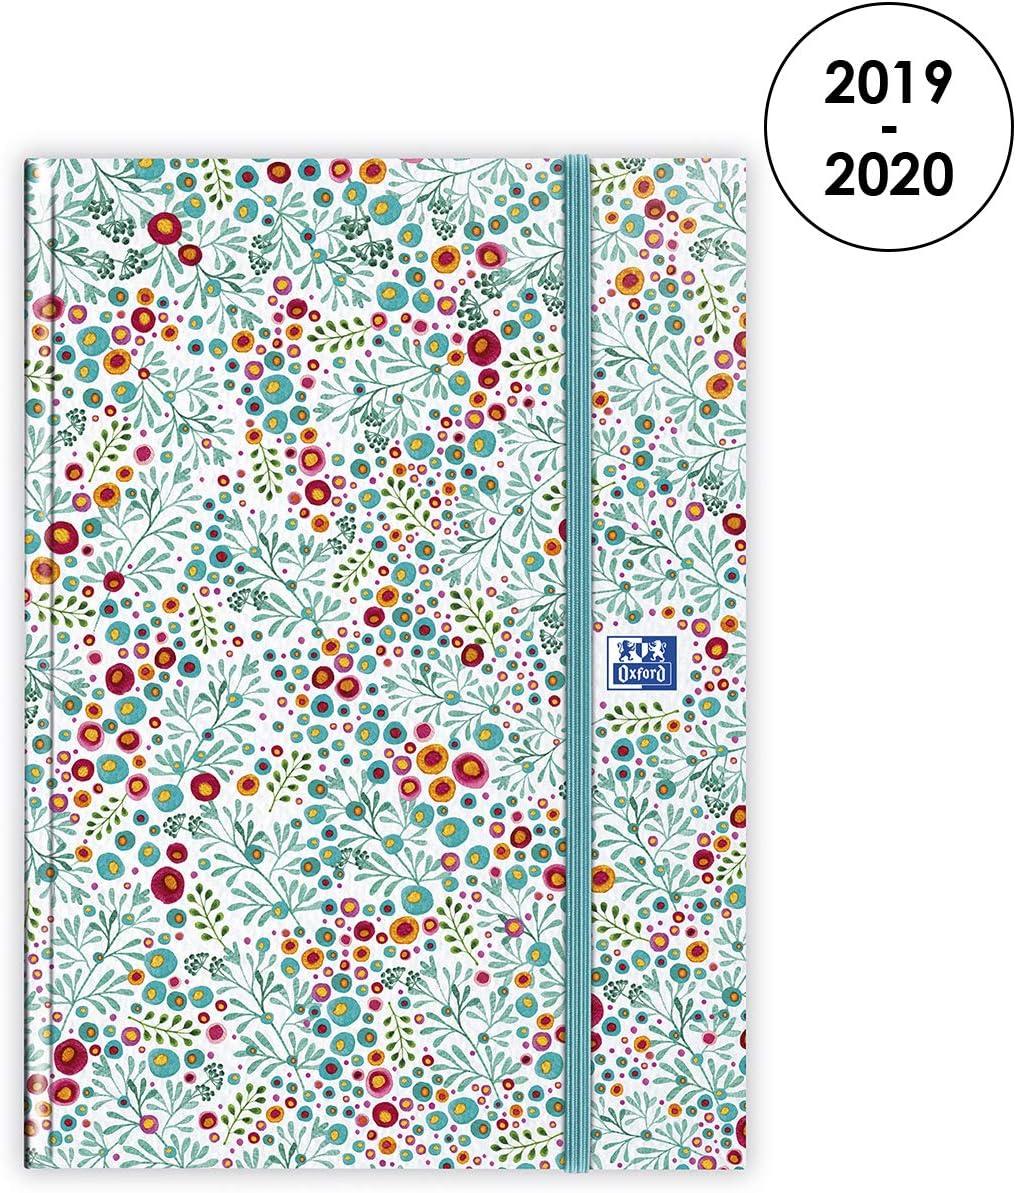 Oxford Flowers - Agenda 2019 – 2020 de agosto a agosto (1 día por ...